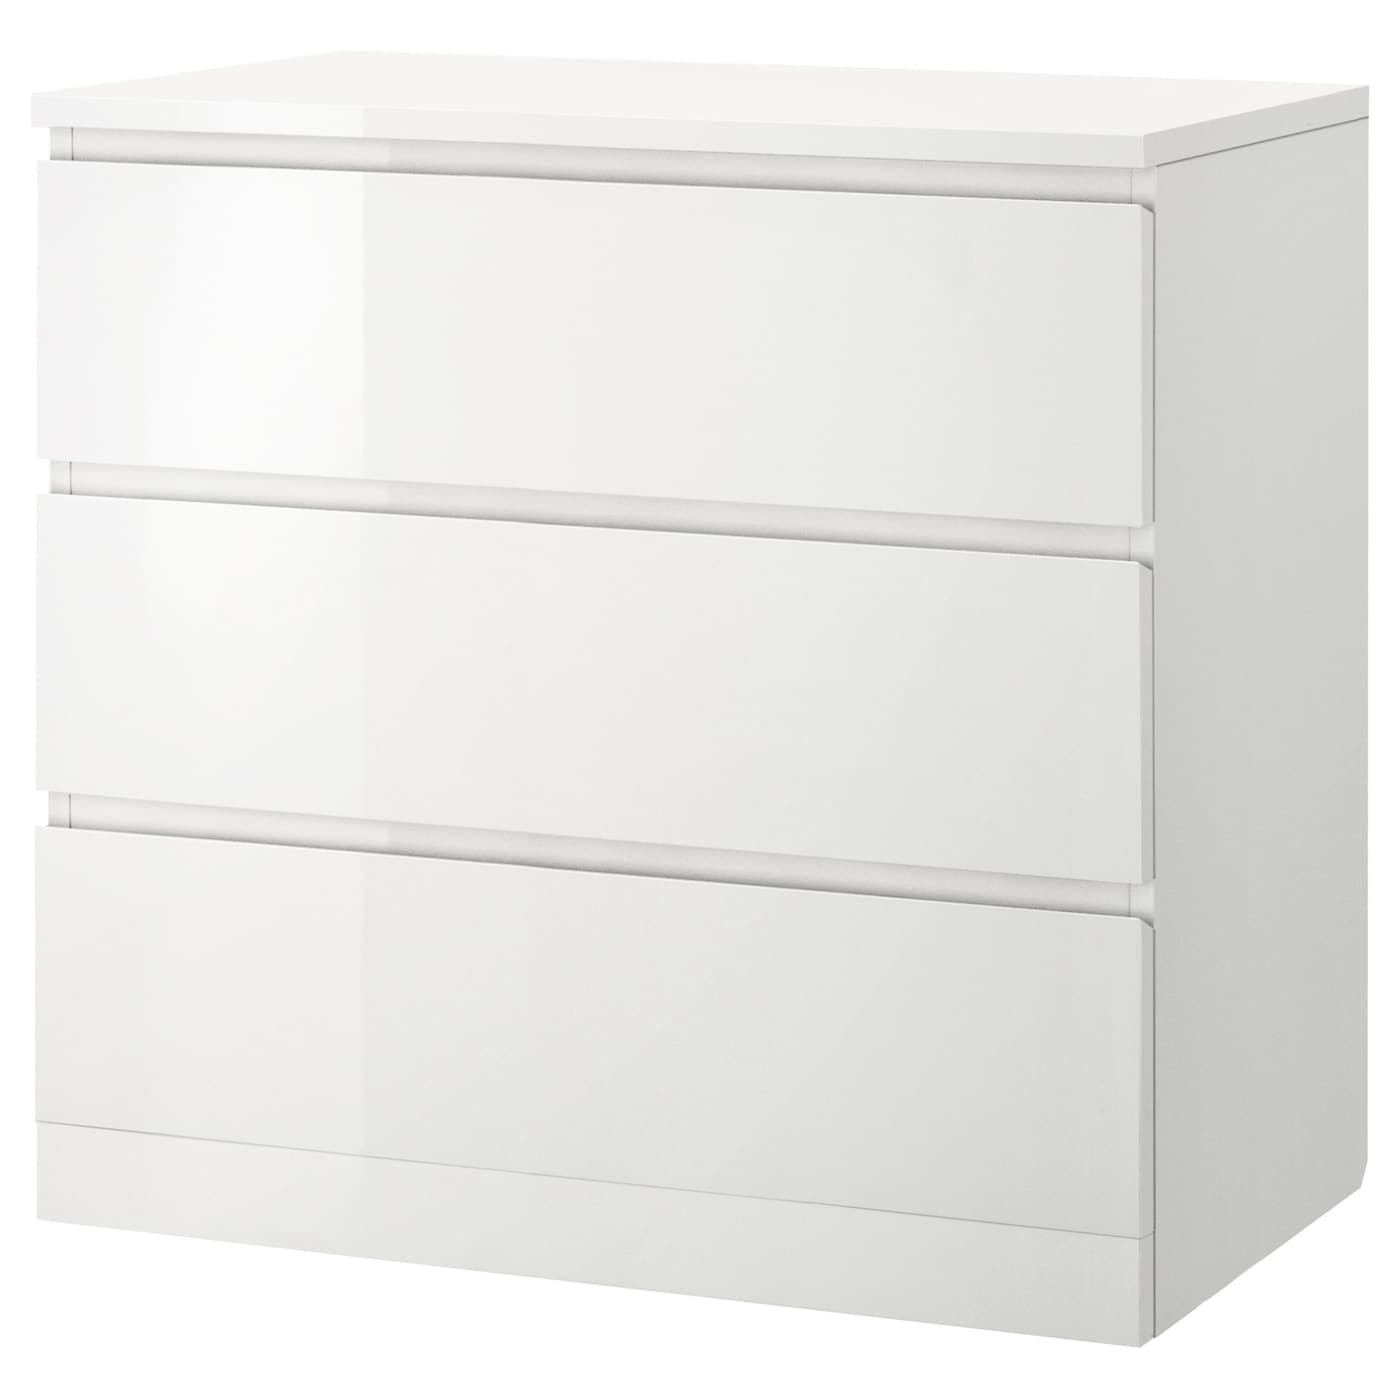 IKEA MALM Komoda, 3 szuflady, biały połysk biały, 80x78 cm